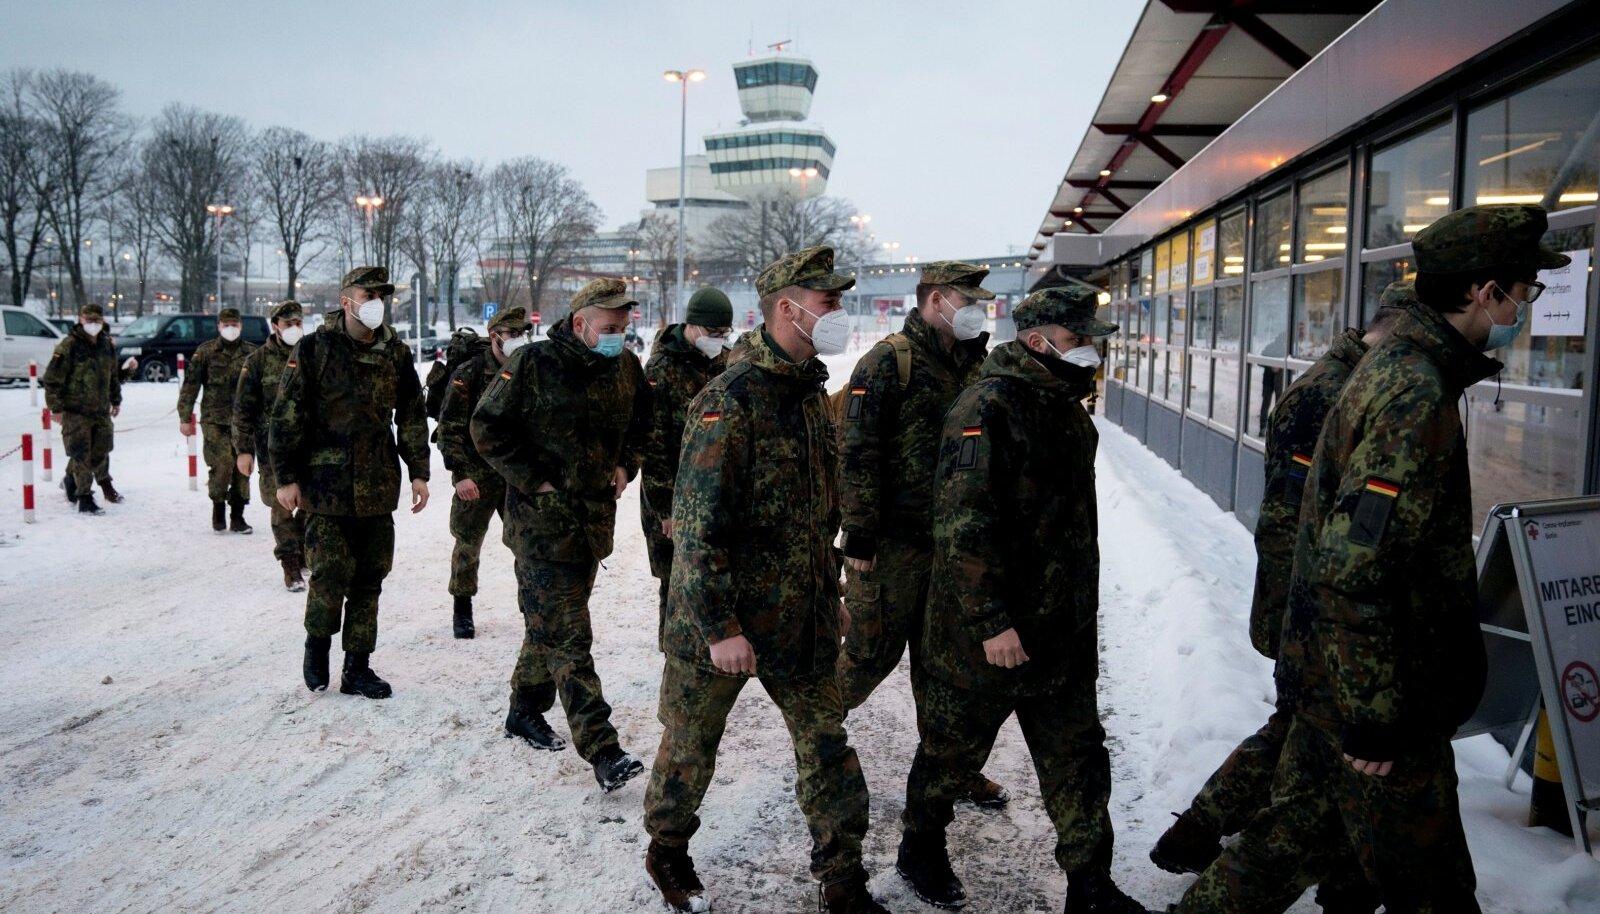 Saksa sõdurid saadeti sel kuul Tegeli lennujaama vakstineerimispunkti appi, kuid kuna seal saab vaid AstraZeneca vakstiini, siis muid inimesi sinna palju ei saabu.